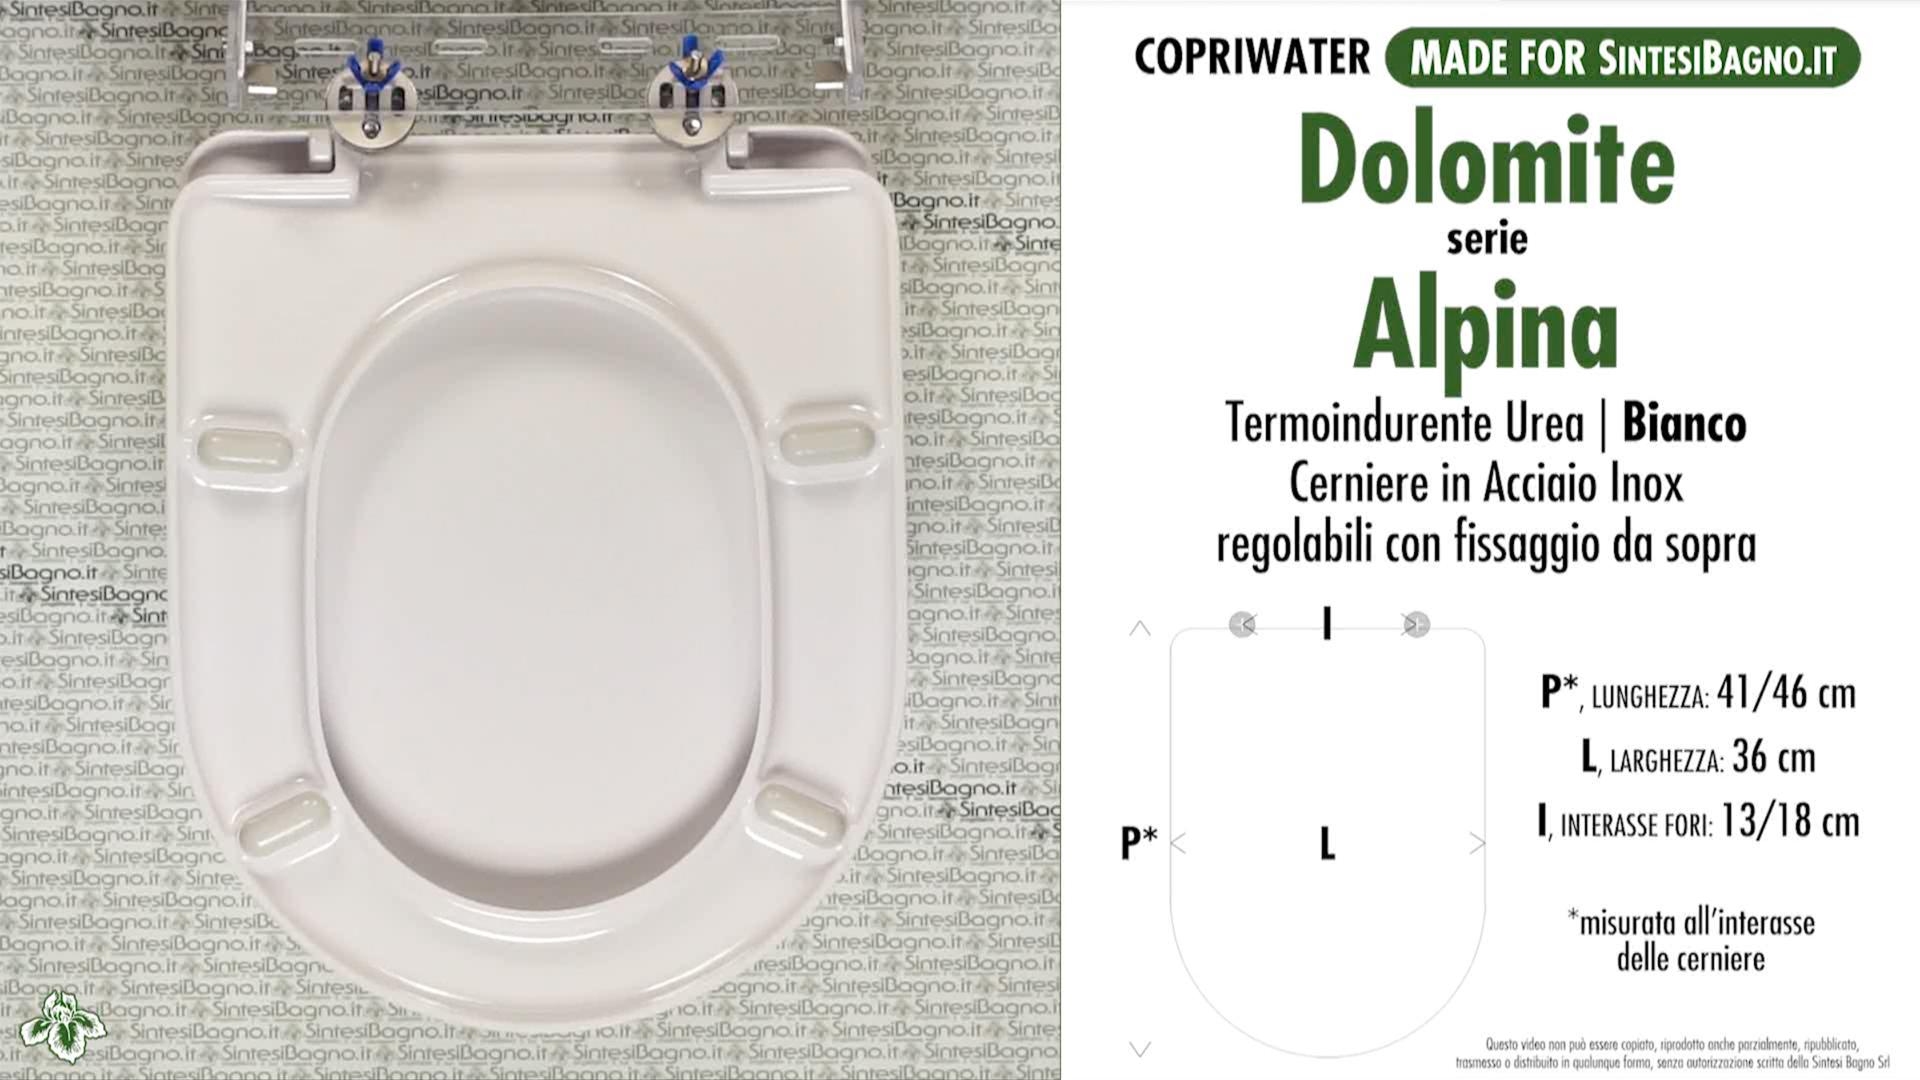 SCHEDA TECNICA MISURE copriwater DOLOMITE ALPINA